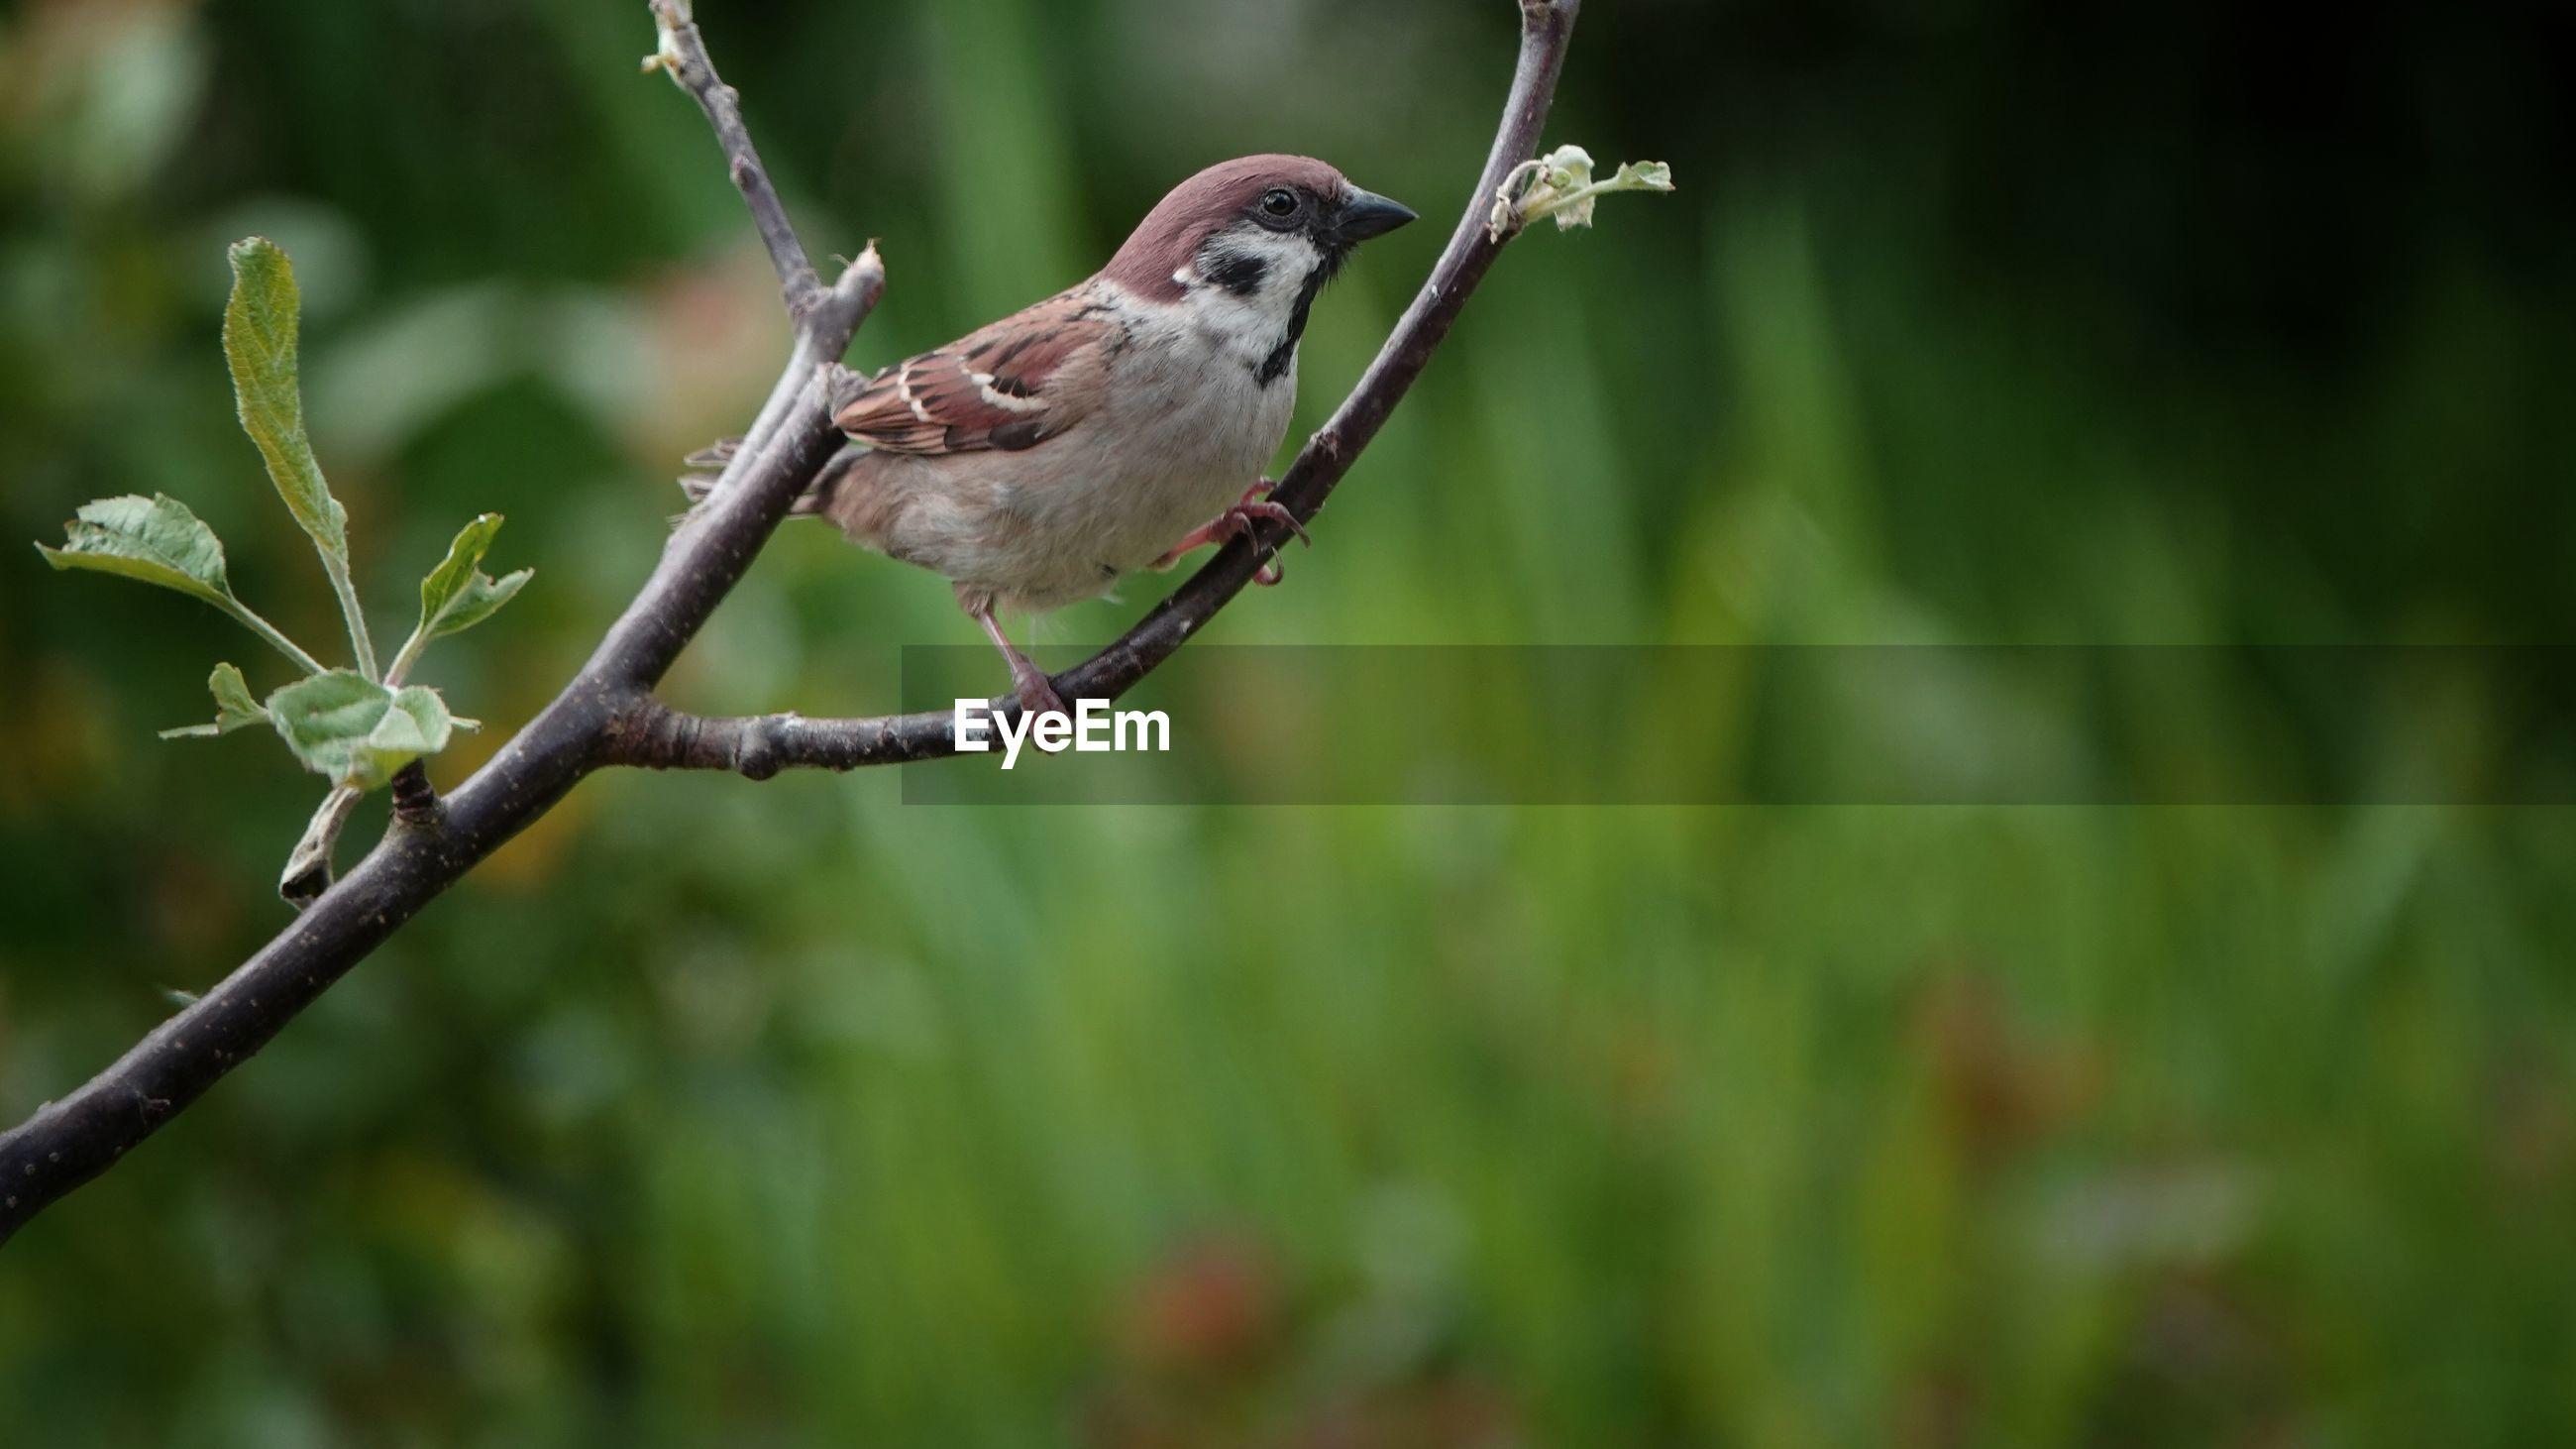 Sparrow on tree